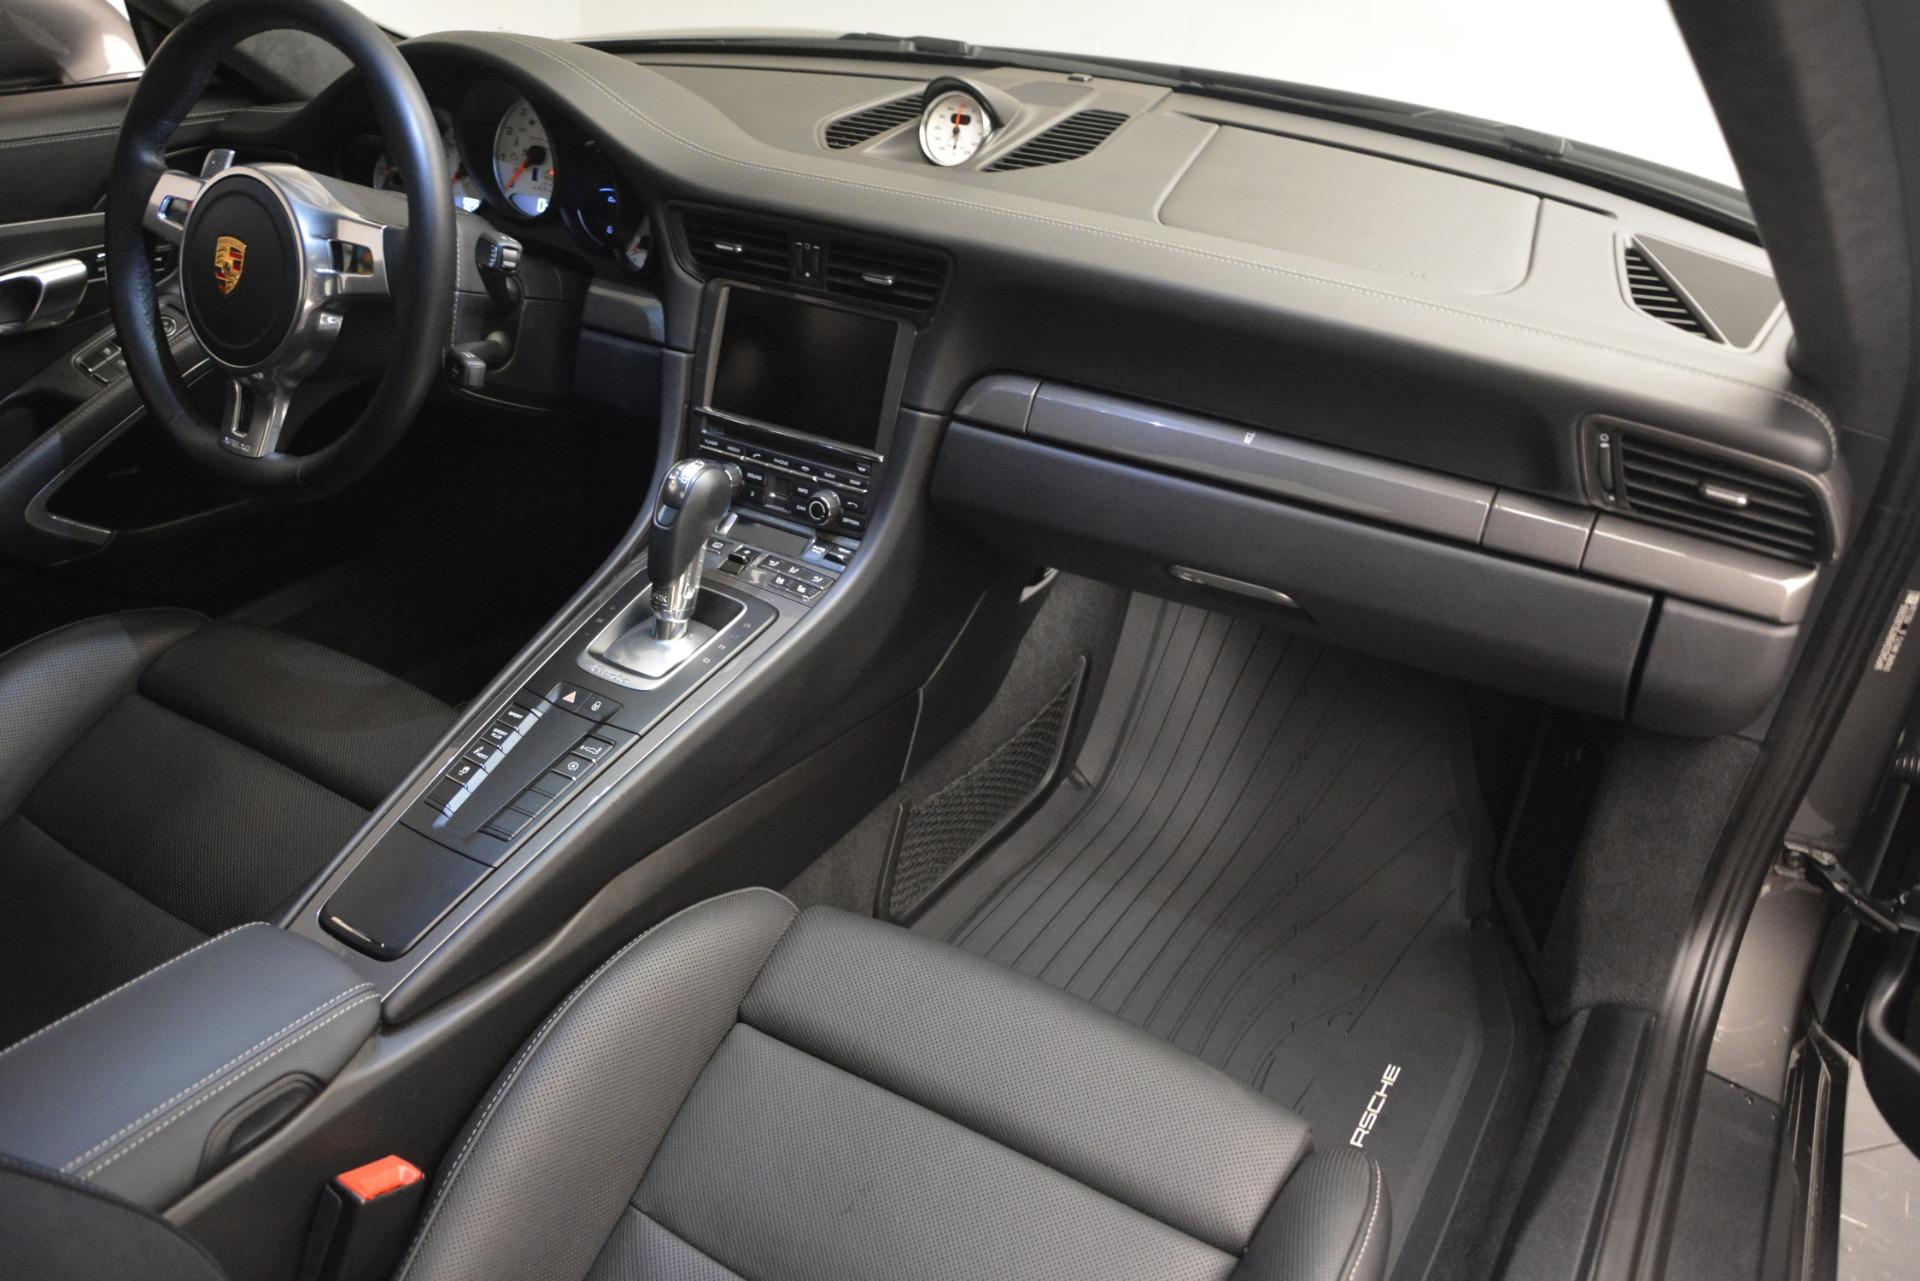 Used 2015 Porsche 911 Turbo S For Sale In Westport, CT 2923_p19